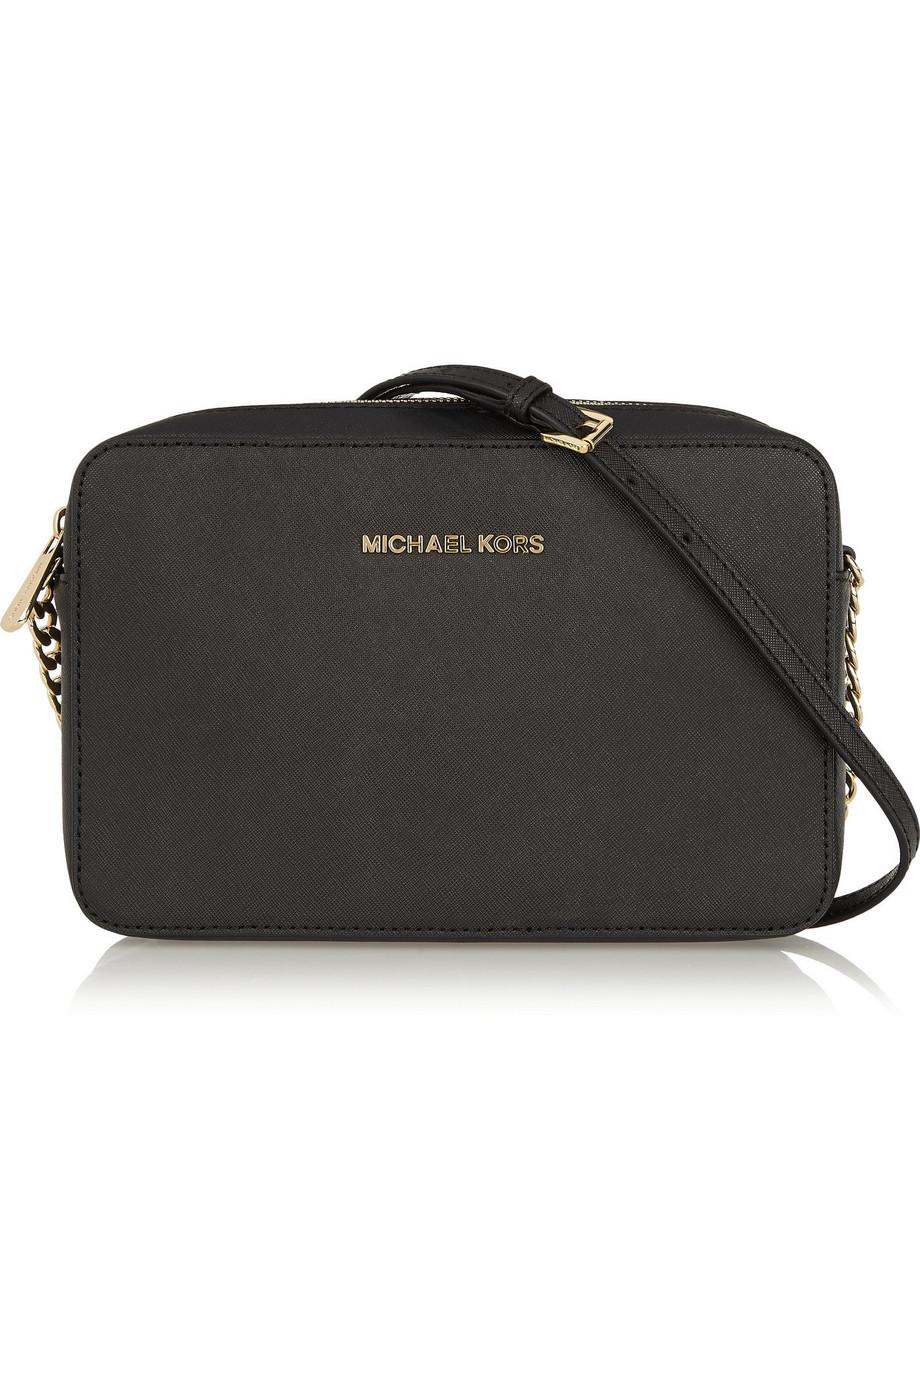 Michael Kors Jet Set Travel Small Shoulder Bag 50